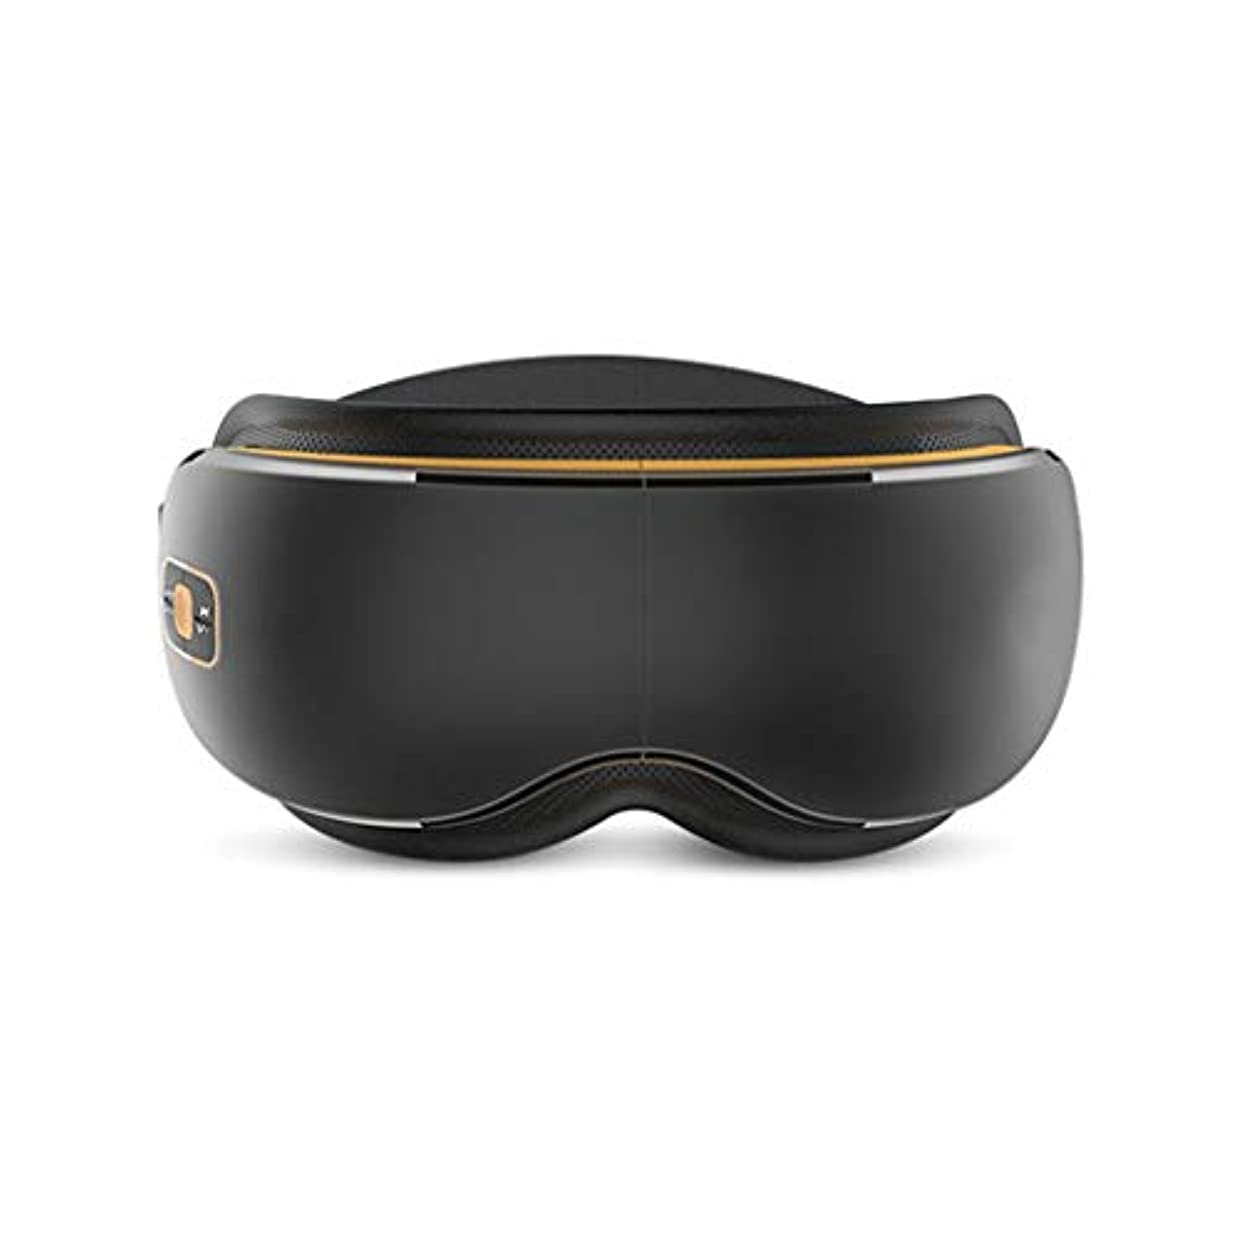 鋭く酸度包囲電気アイマッサージャー振動マッサージ暖房/ラップ/音楽/空気圧縮4つのモードで目をリラックスさせて暗い円を減らし、睡眠を改善するためのヘッドプレッシャーを緩和